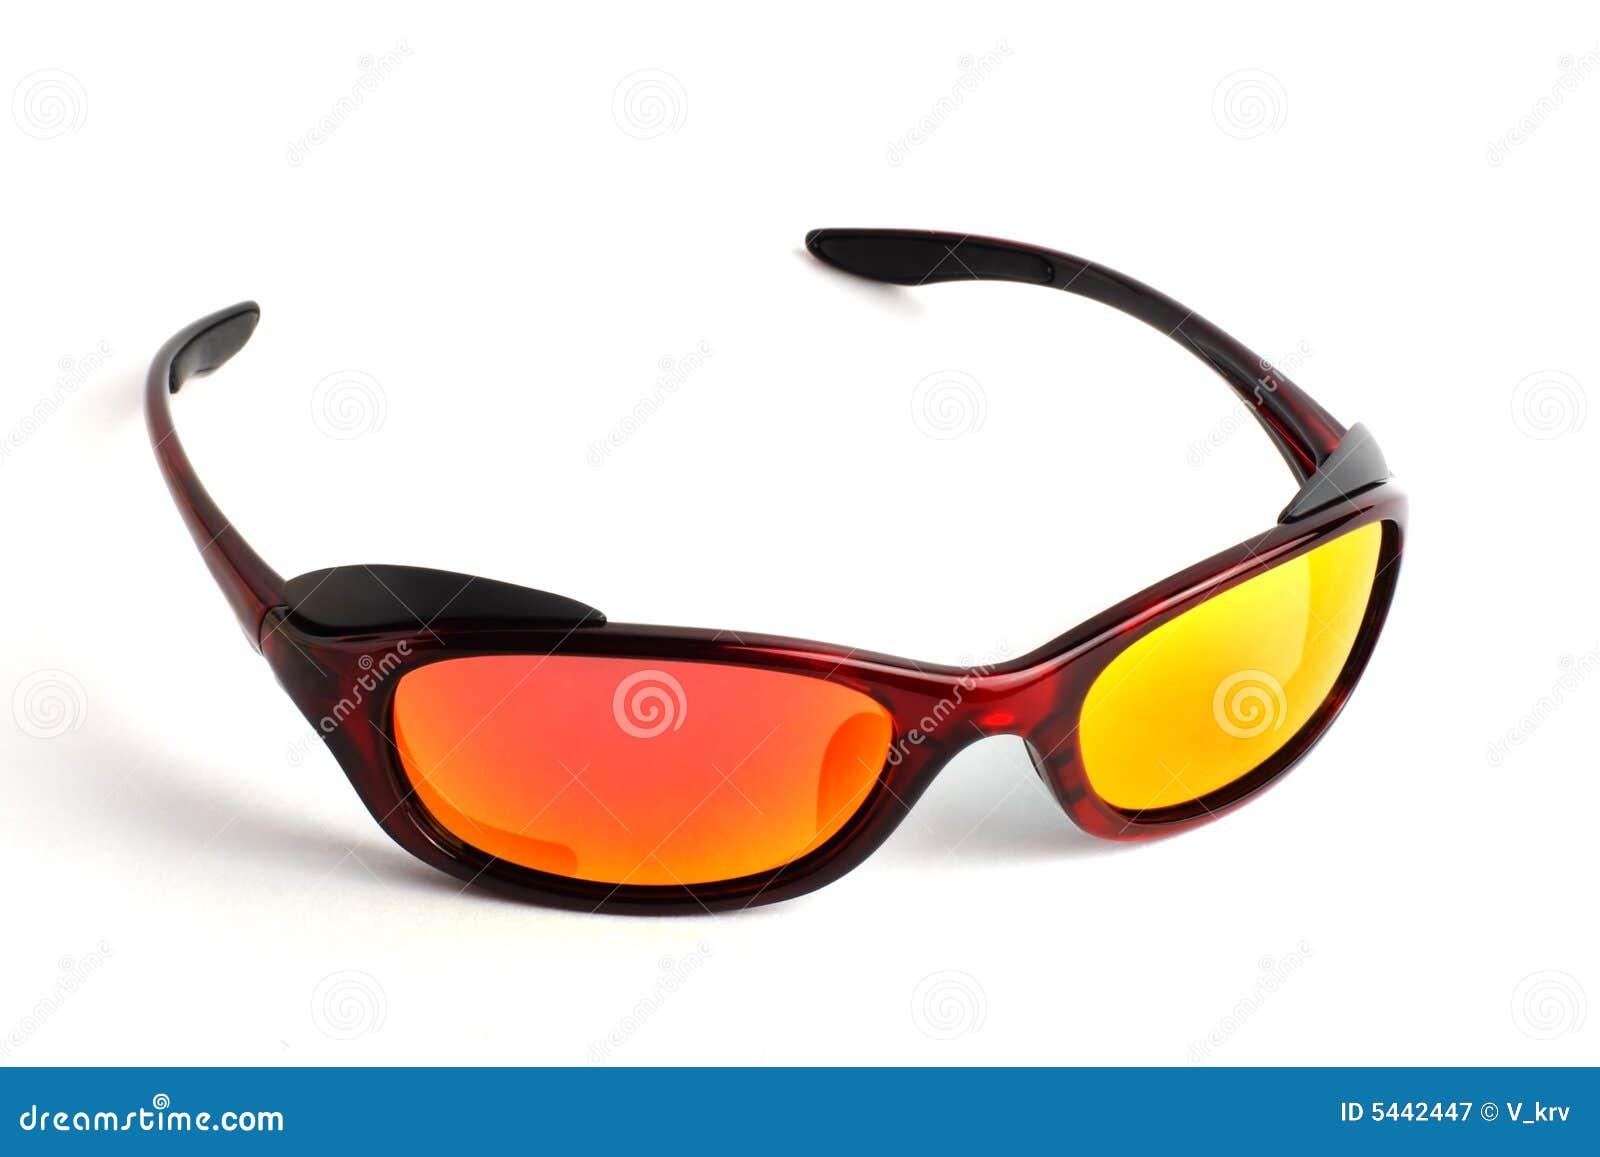 97bee2a1c5720 Óculos De Sol Modernos Com Lentes Polarizadas Imagem de Stock ...